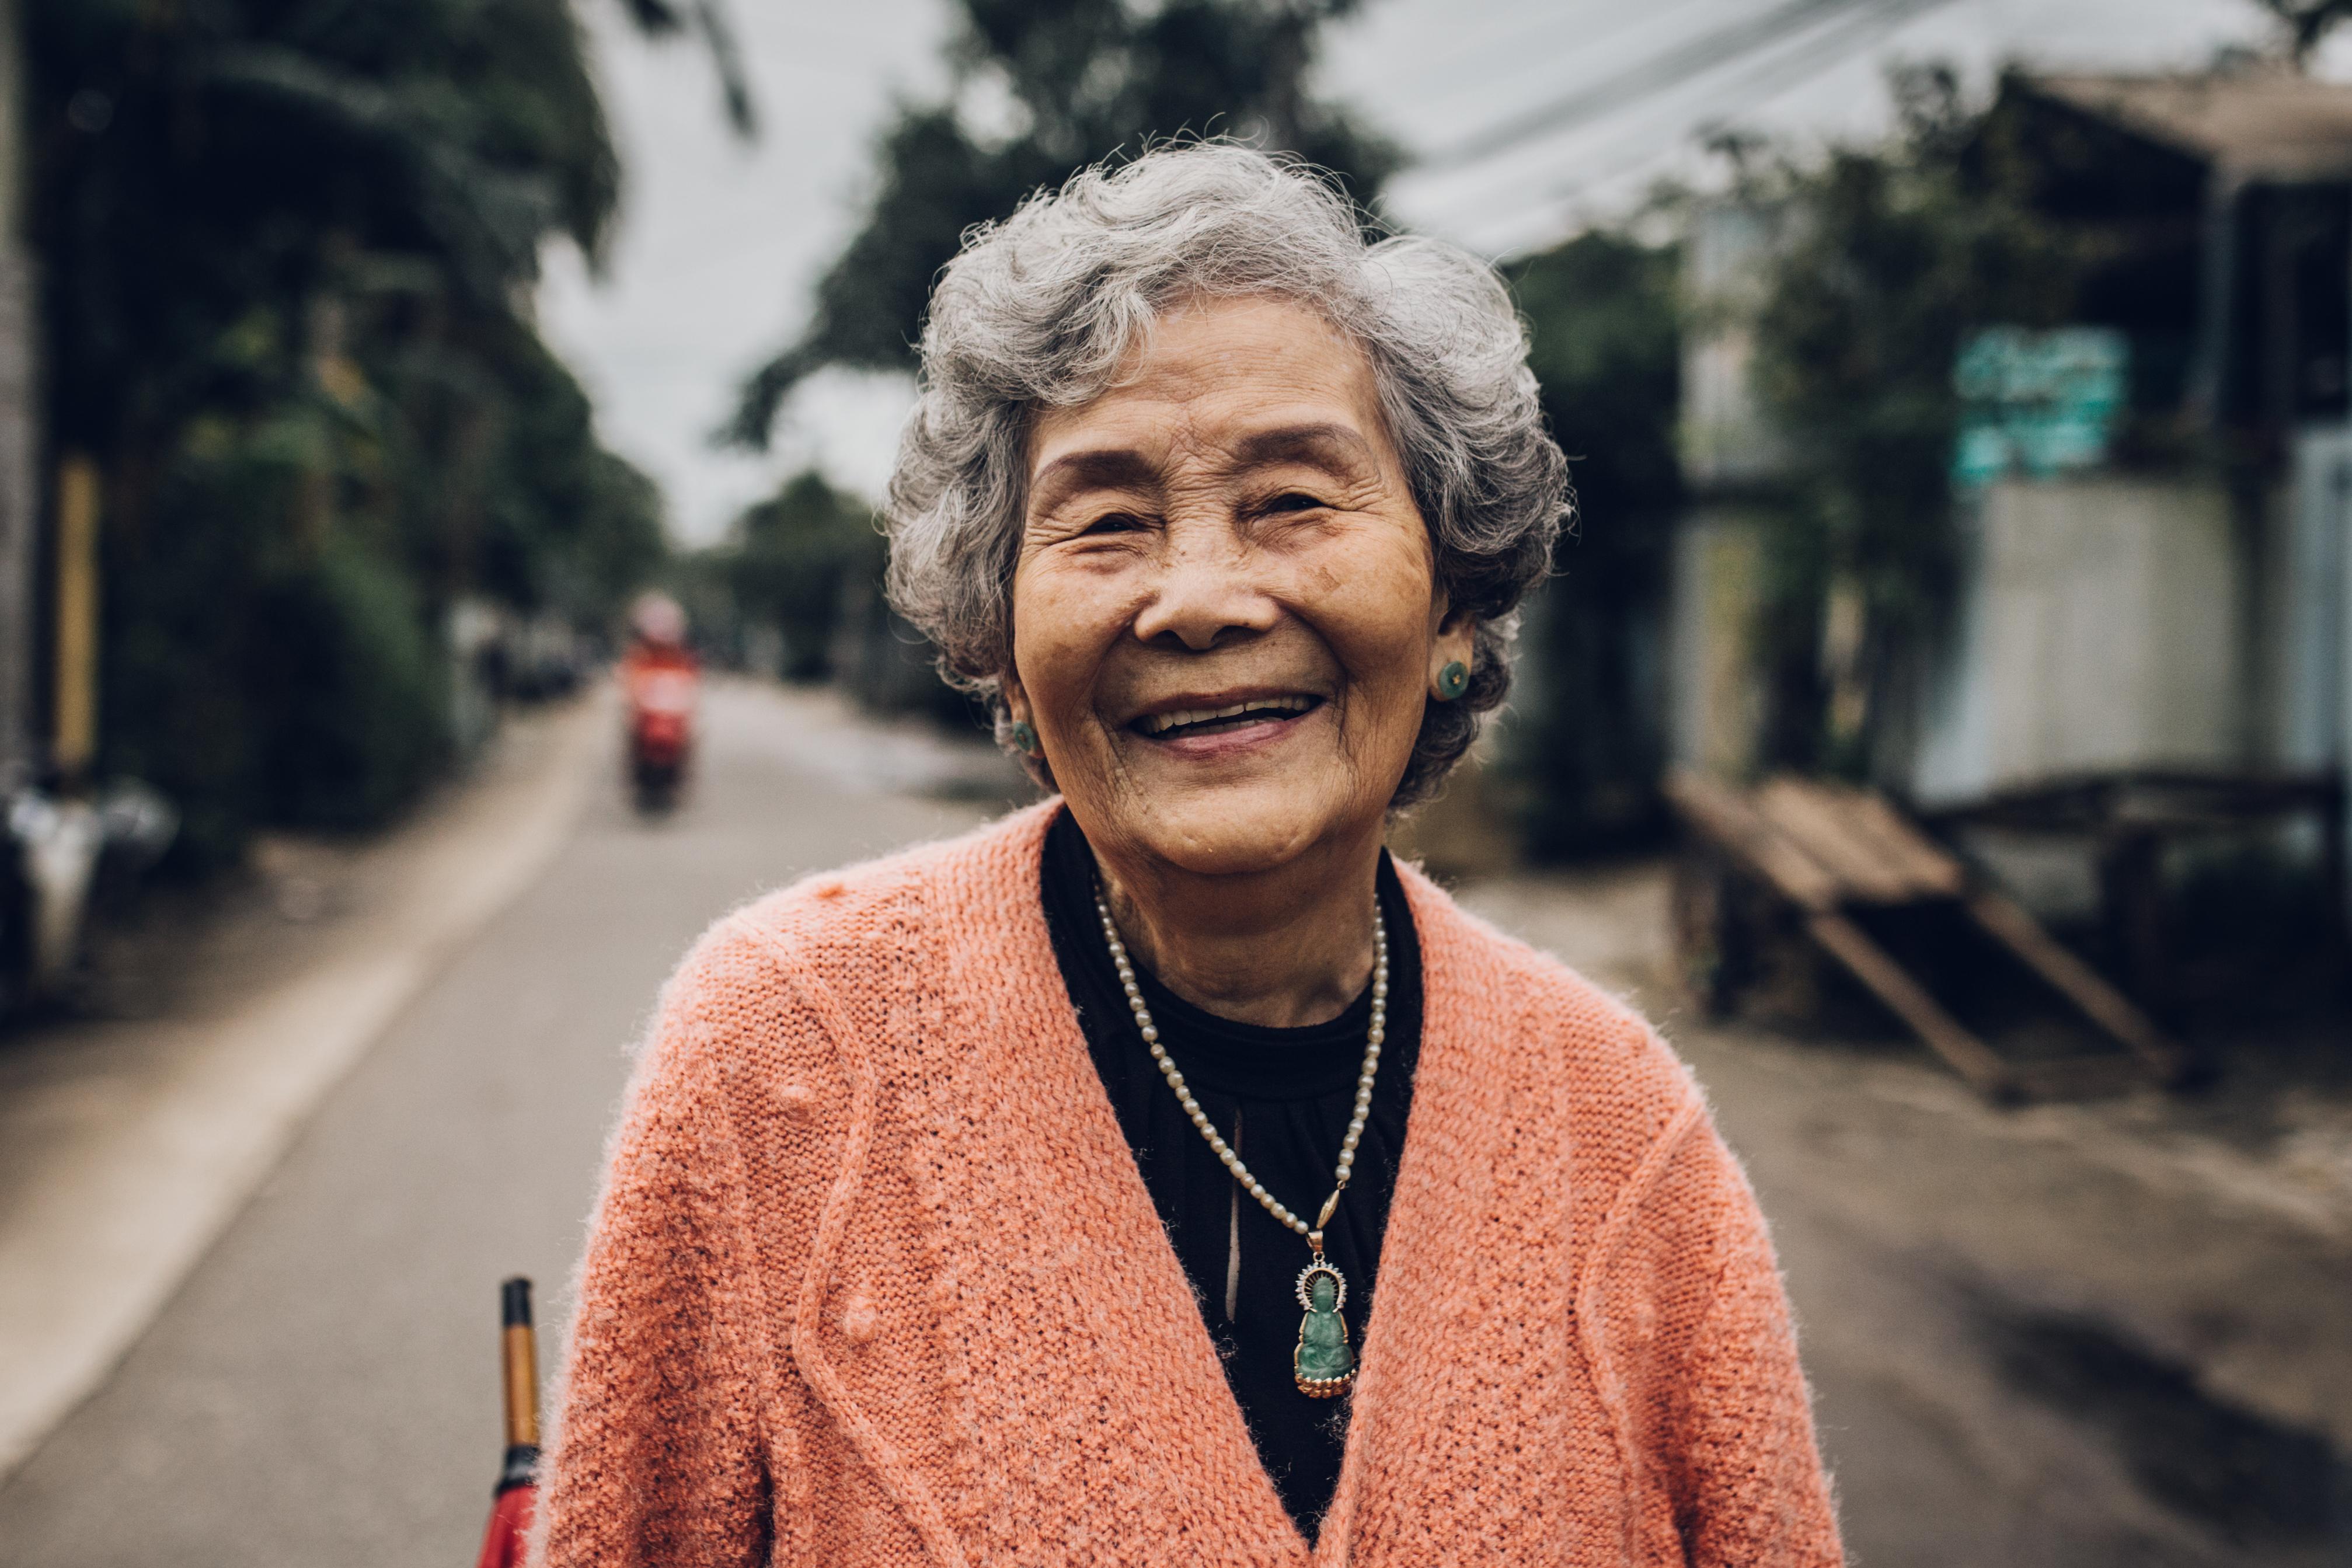 MaiThiThuyLien-LamBanh-KimLong-Hue122016_3377